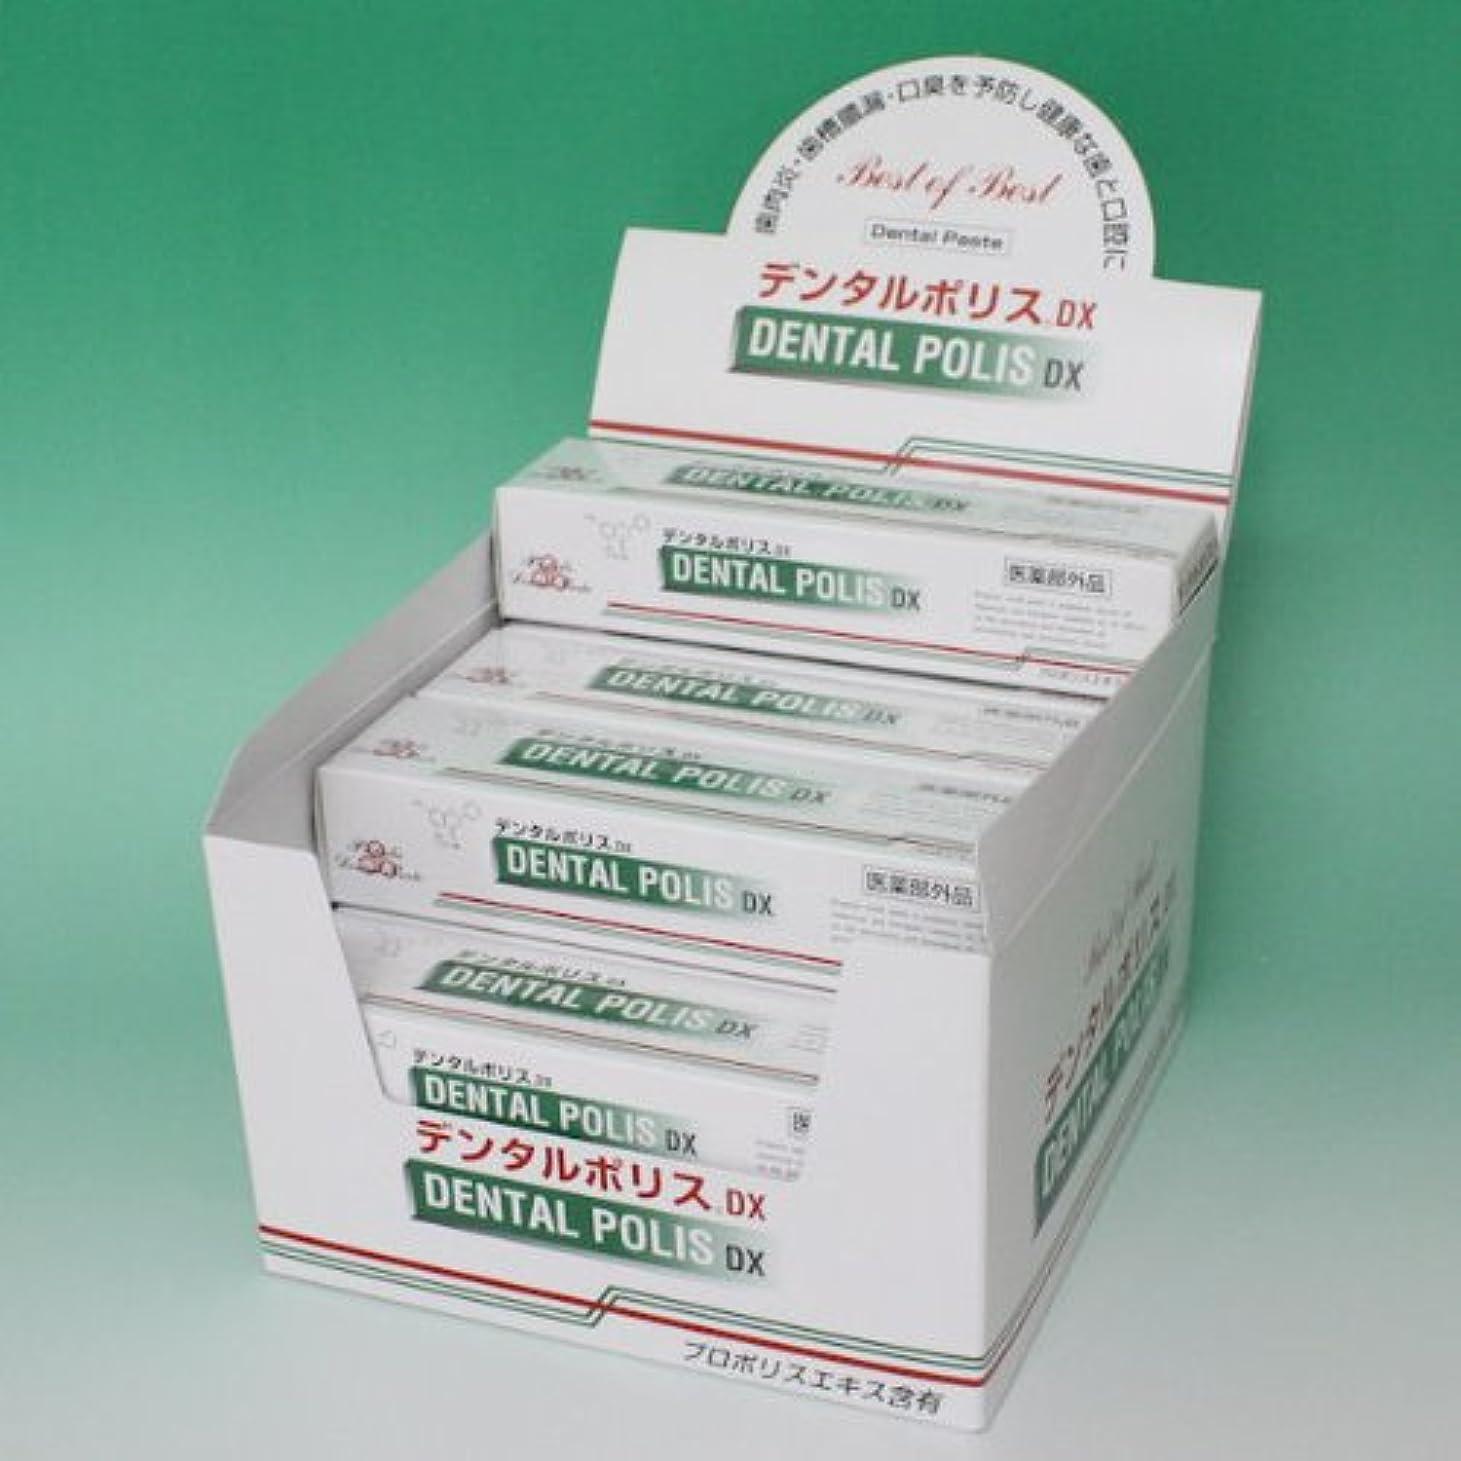 避ける判決どっちデンタルポリスDX 80g  12本セット 医薬部外品  歯みがき 8gサンプル2本 進呈!